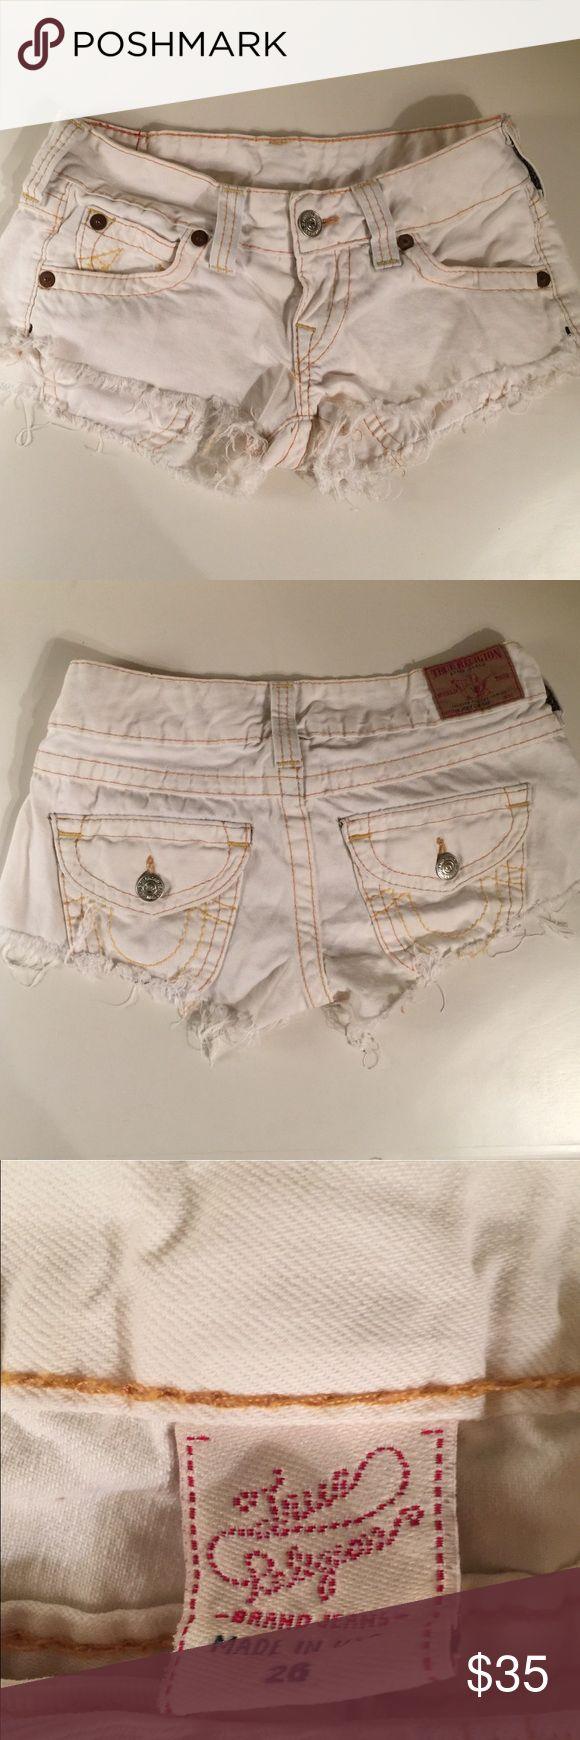 True Religion size 26 off white jean shorts True Religion size 26 off white cut off jean shorts. True Religion Shorts Jean Shorts